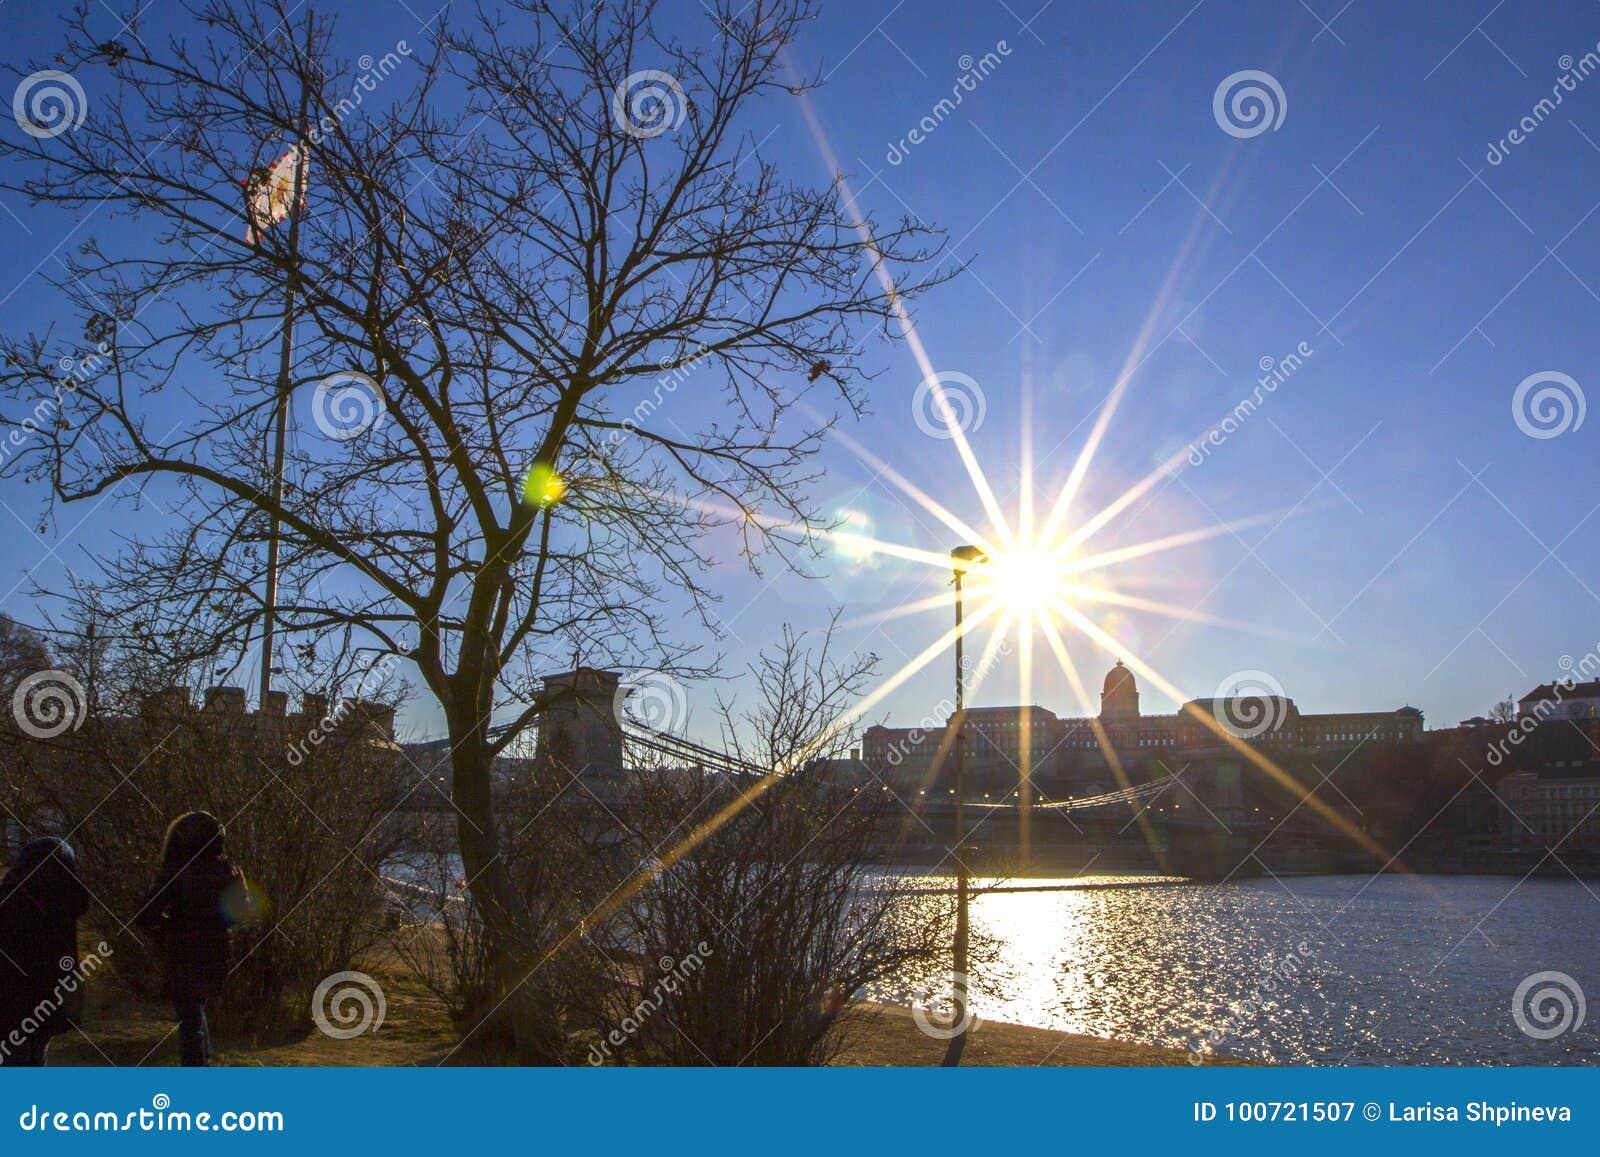 Άποψη ηλιοβασιλέματος πέρα από τον ποταμό Δούναβη, τη βάρκα επιβατών και την πλευρά Buda της Βουδαπέστης, Ουγγαρία